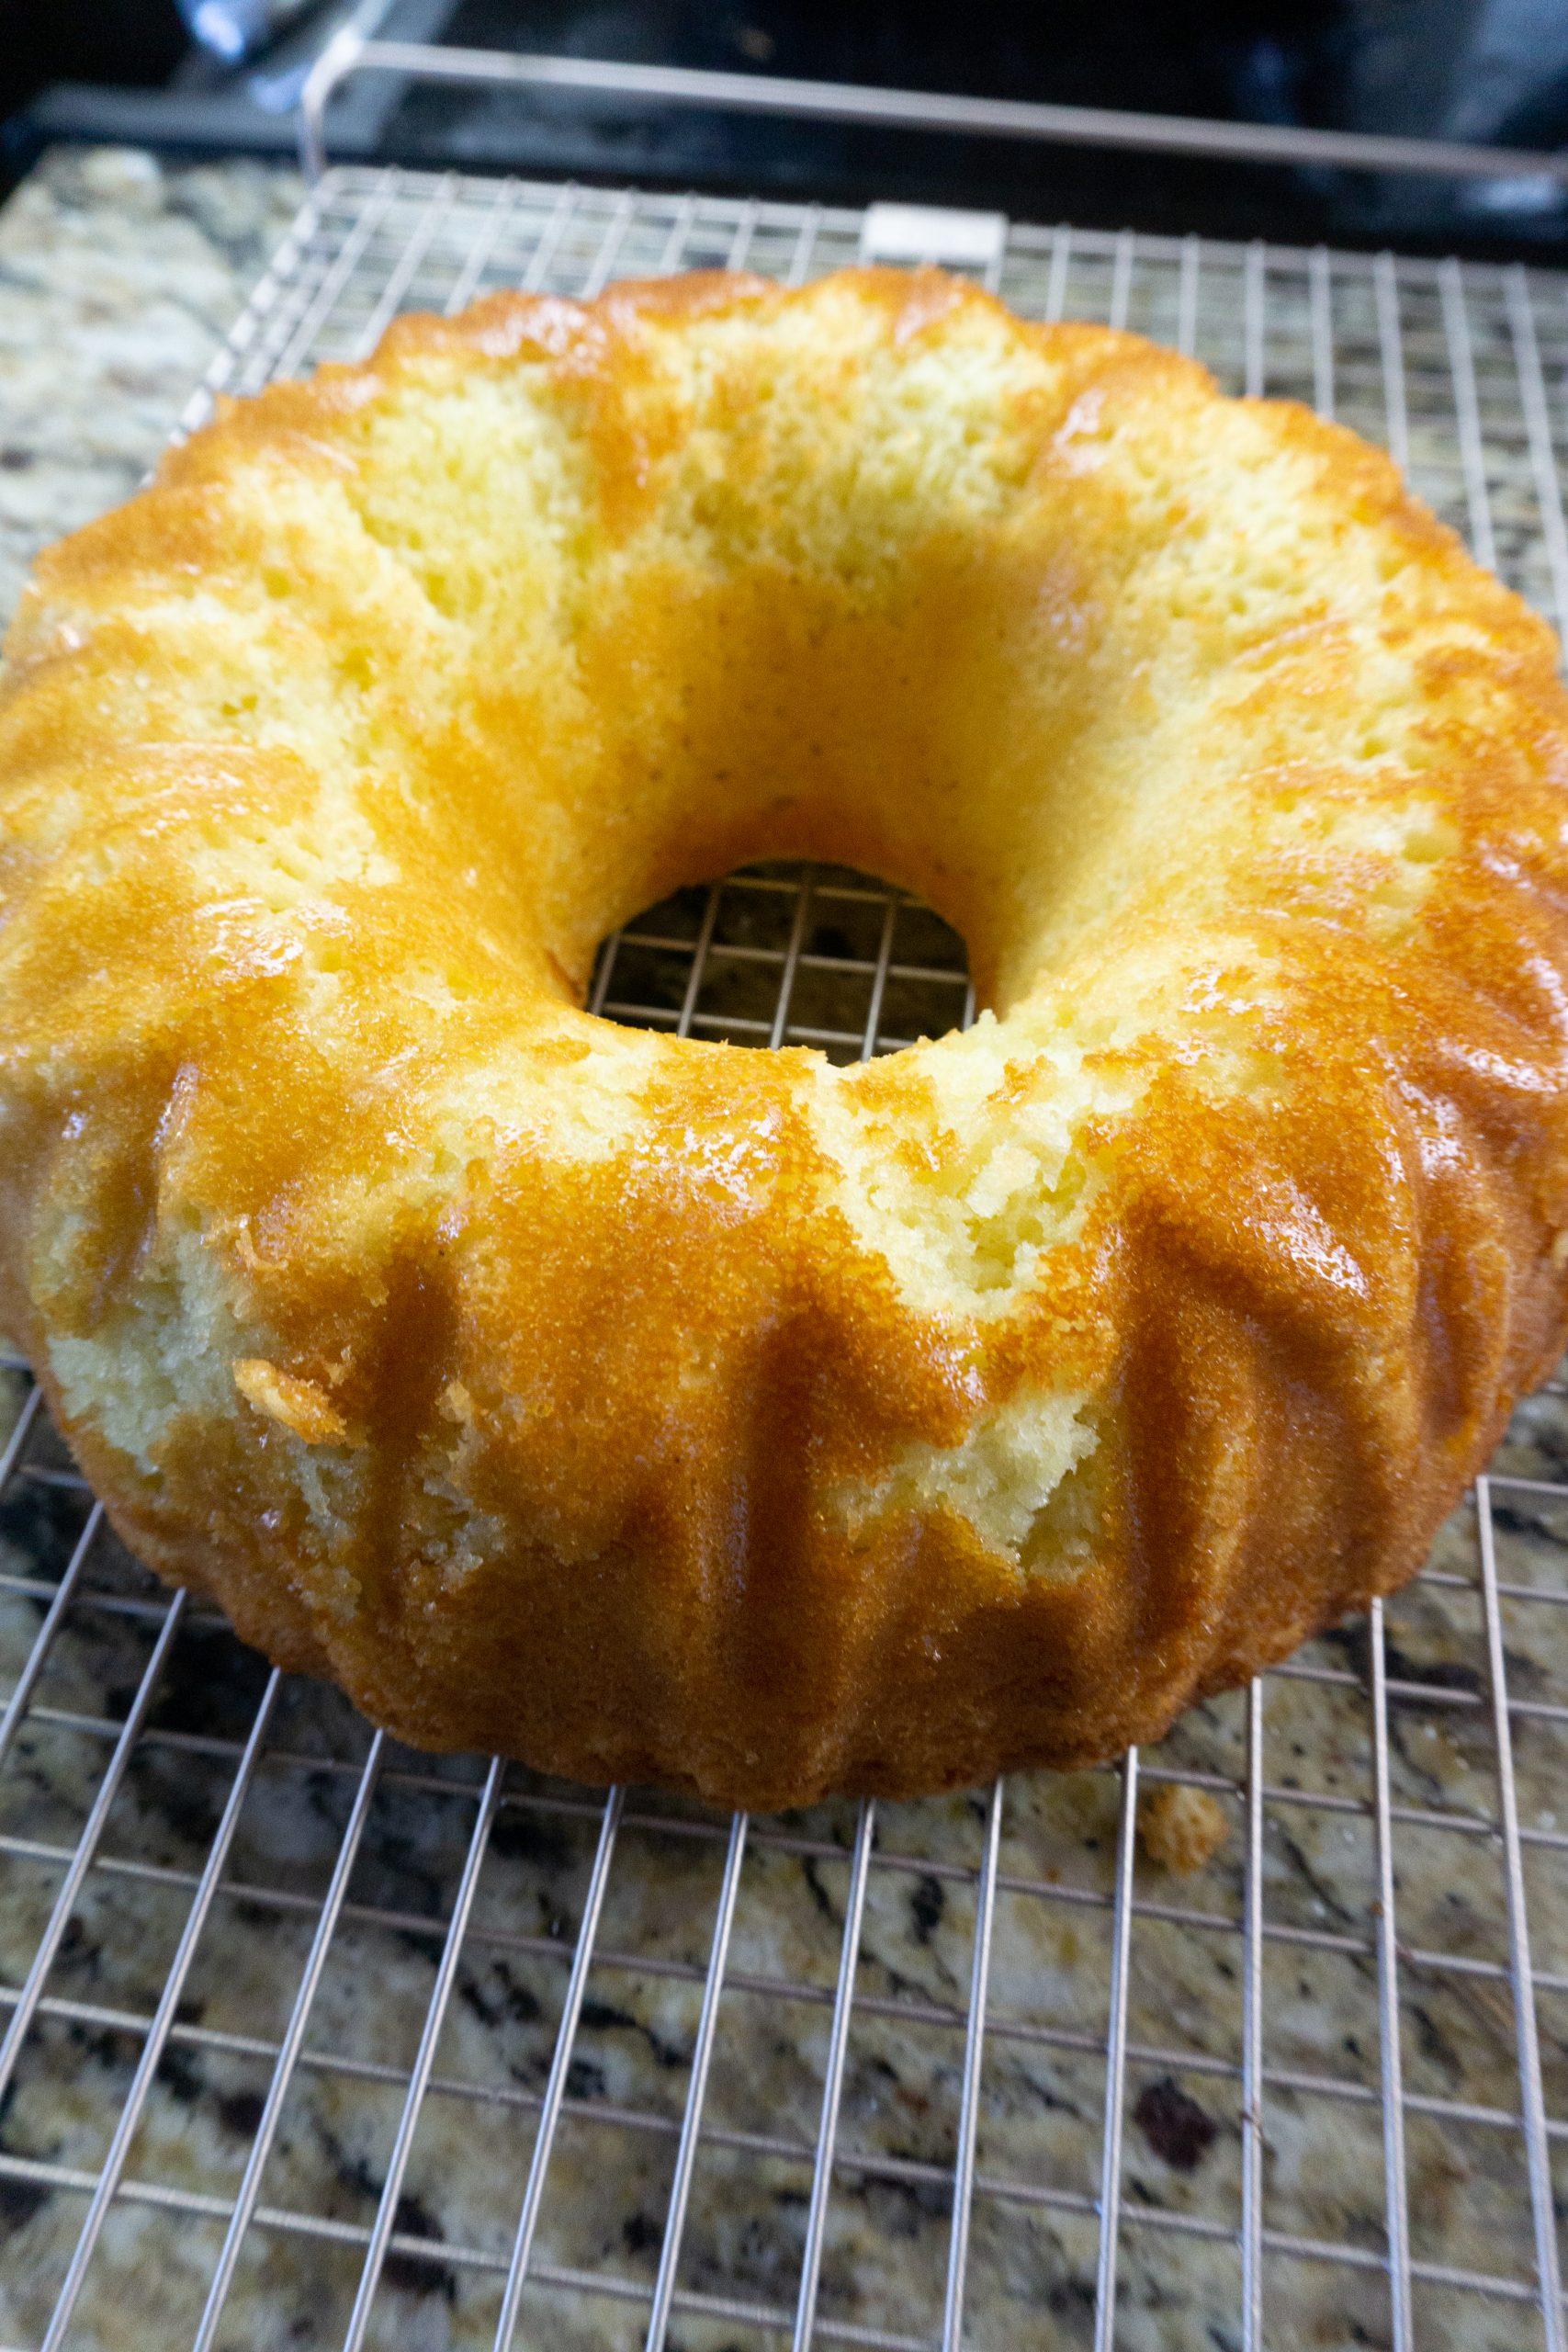 Meyer Lemon Bundt Cake on a wire rack cooling.